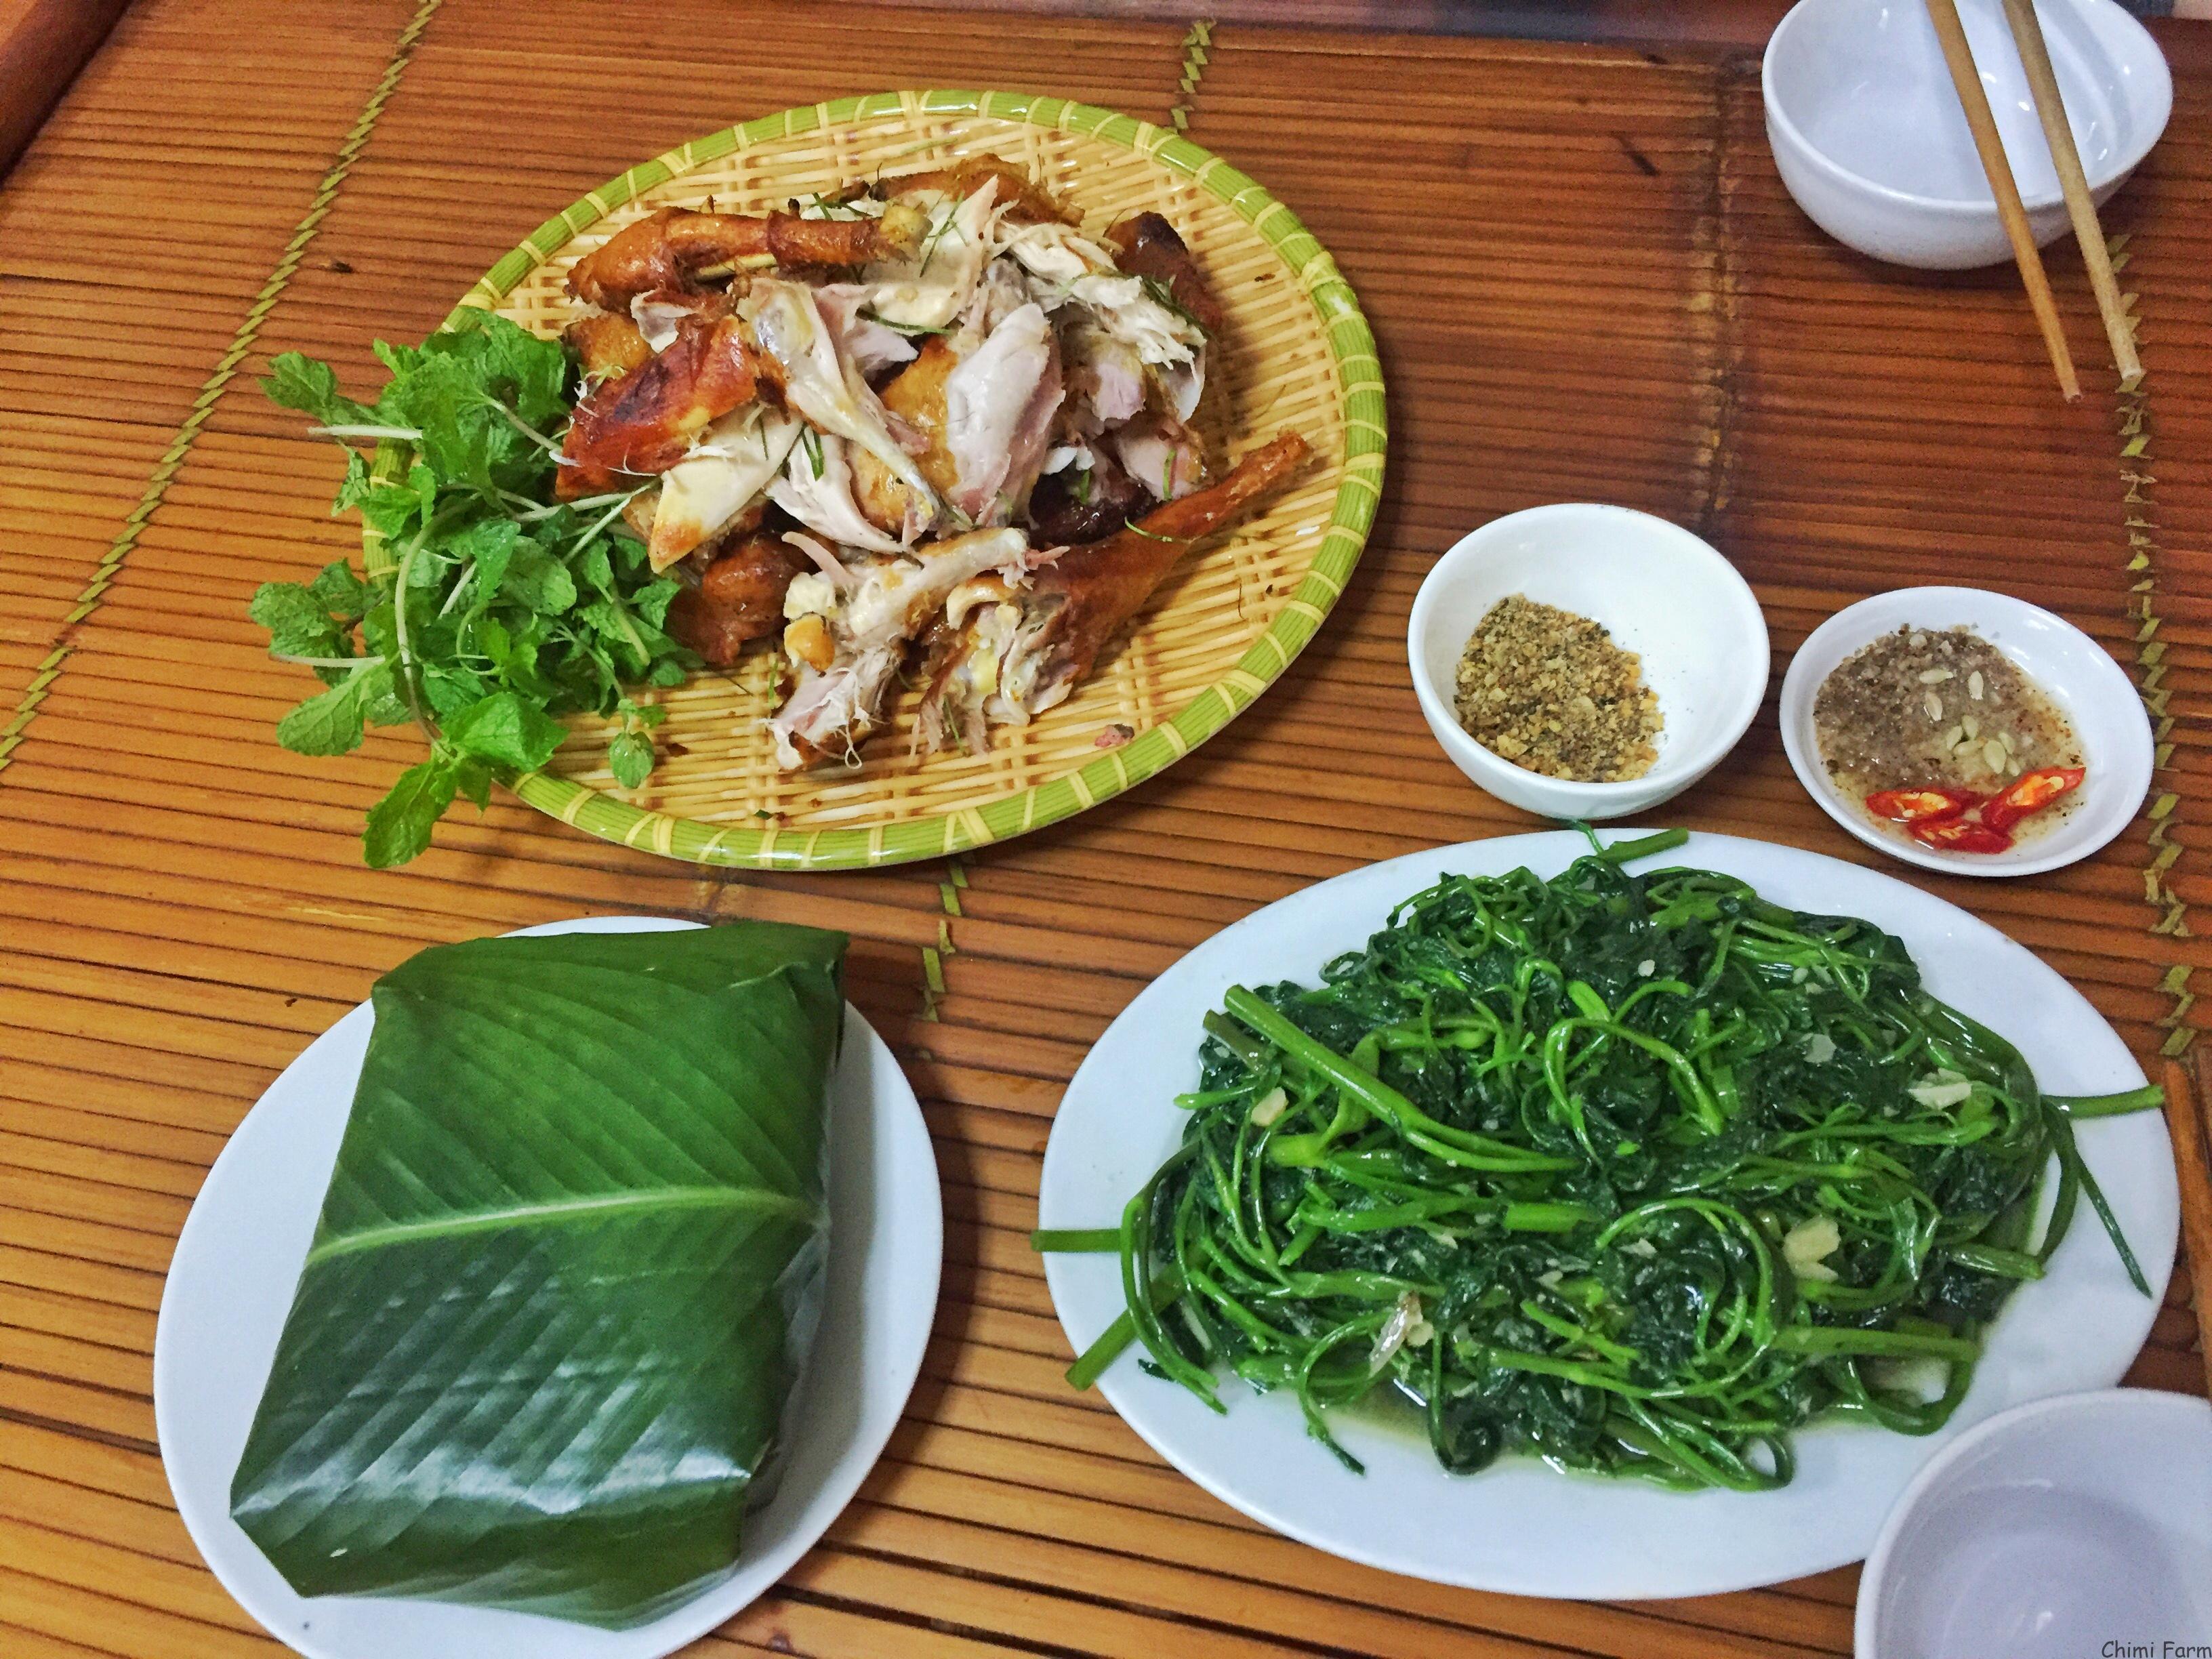 Gà nướng là món ăn đặc sản không thể bỏ qua tại Mộc Châu